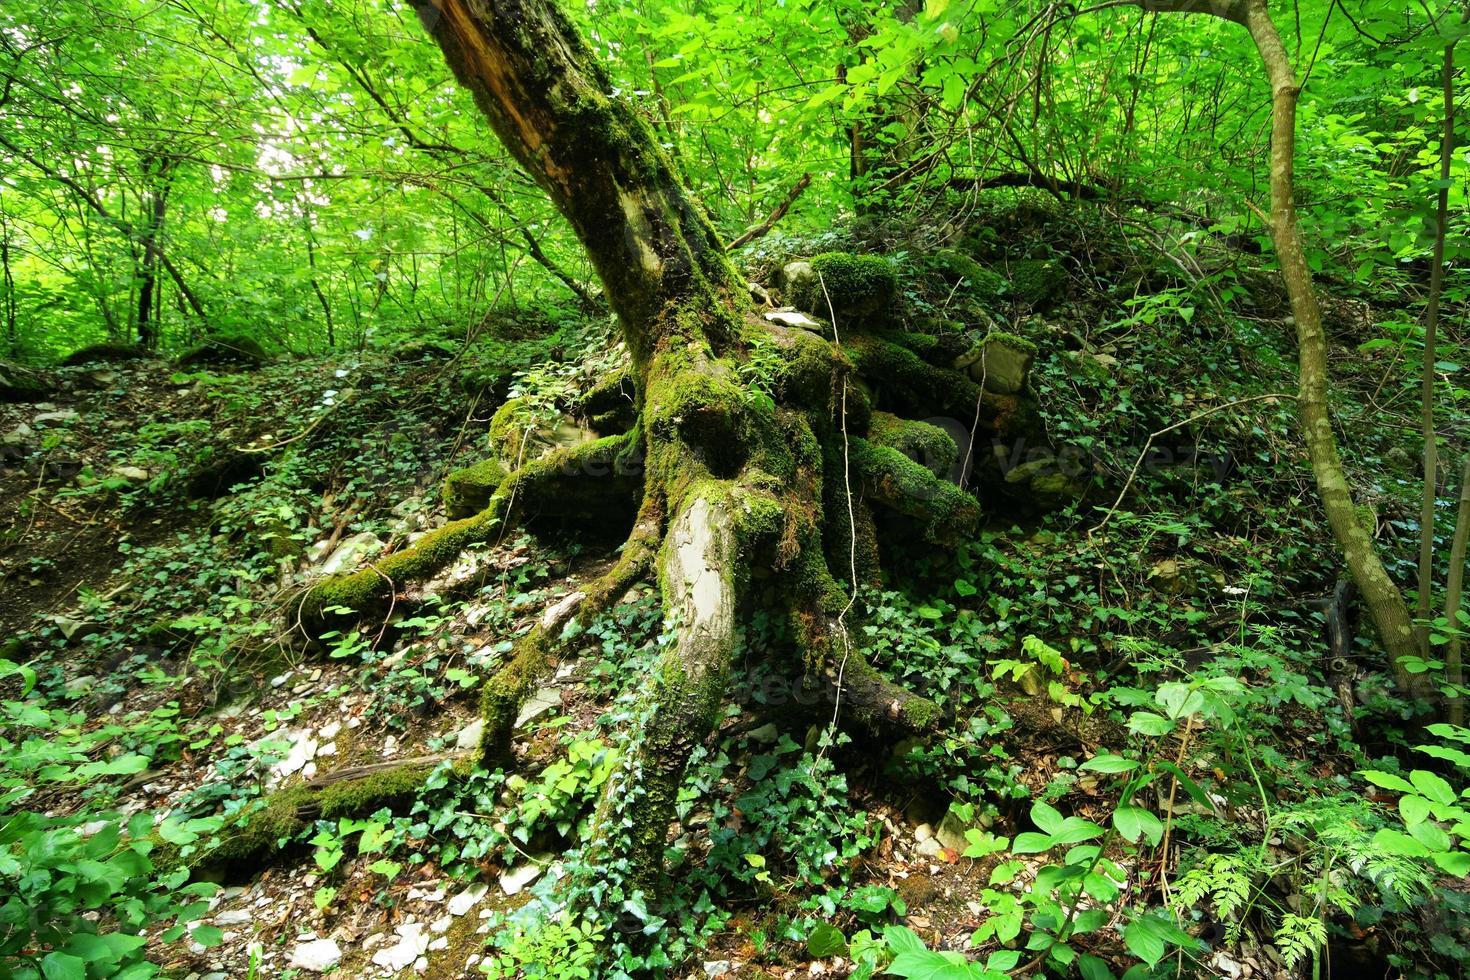 Bild der Baumwurzeln im Regenwald foto